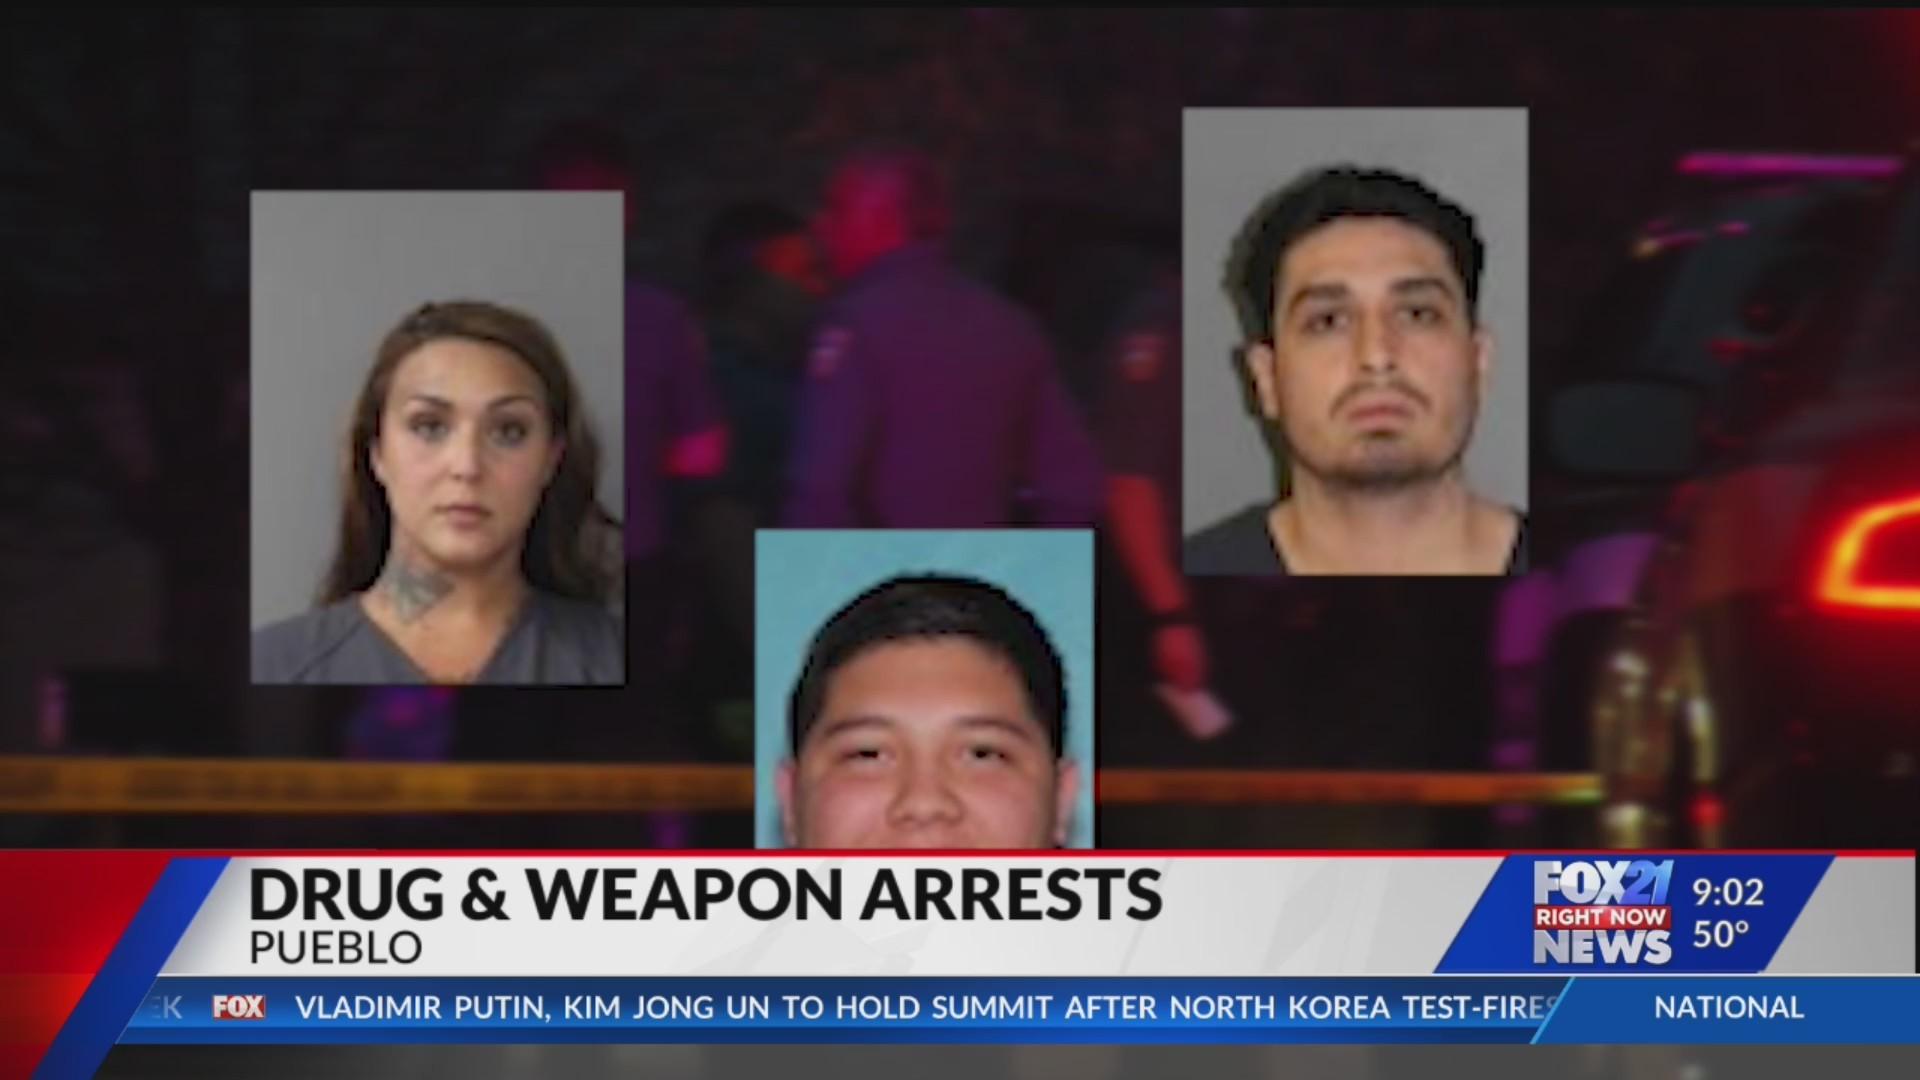 Pueblo Police, along with other agencies, make major drug